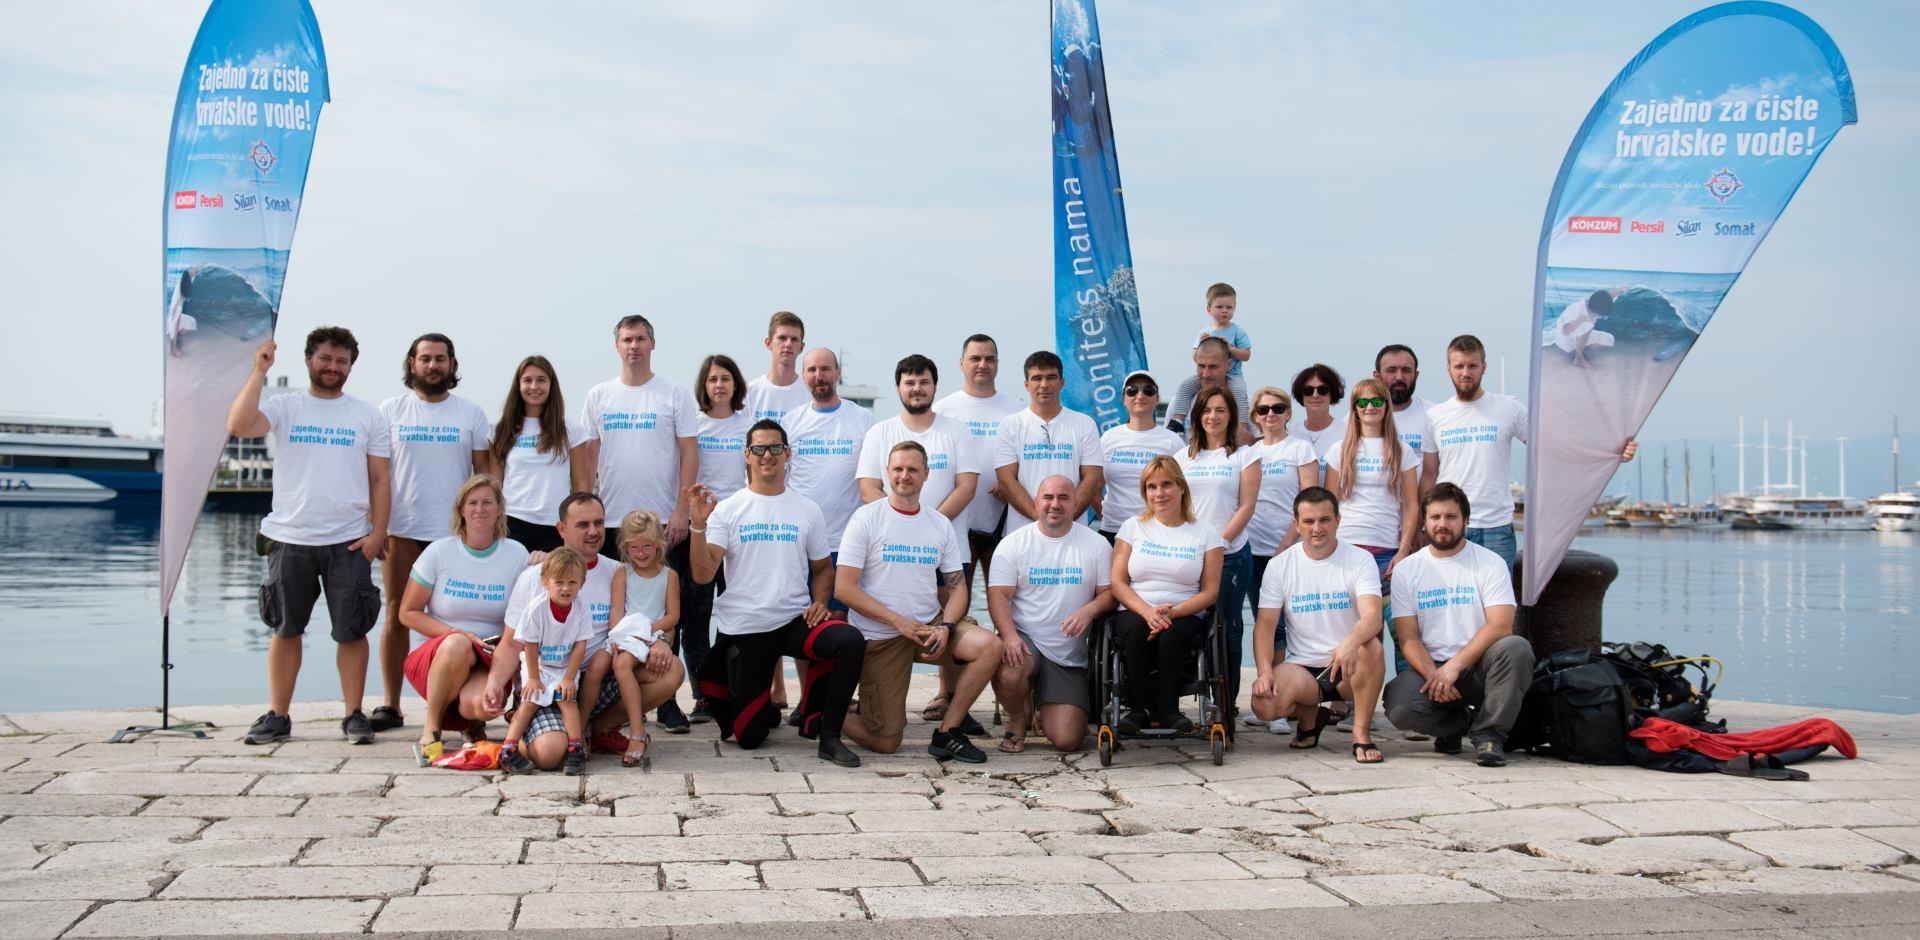 Akcijom čišćenja mora u Rijeci završena sezona projekta 'Zajedno za čiste hrvatske vode'